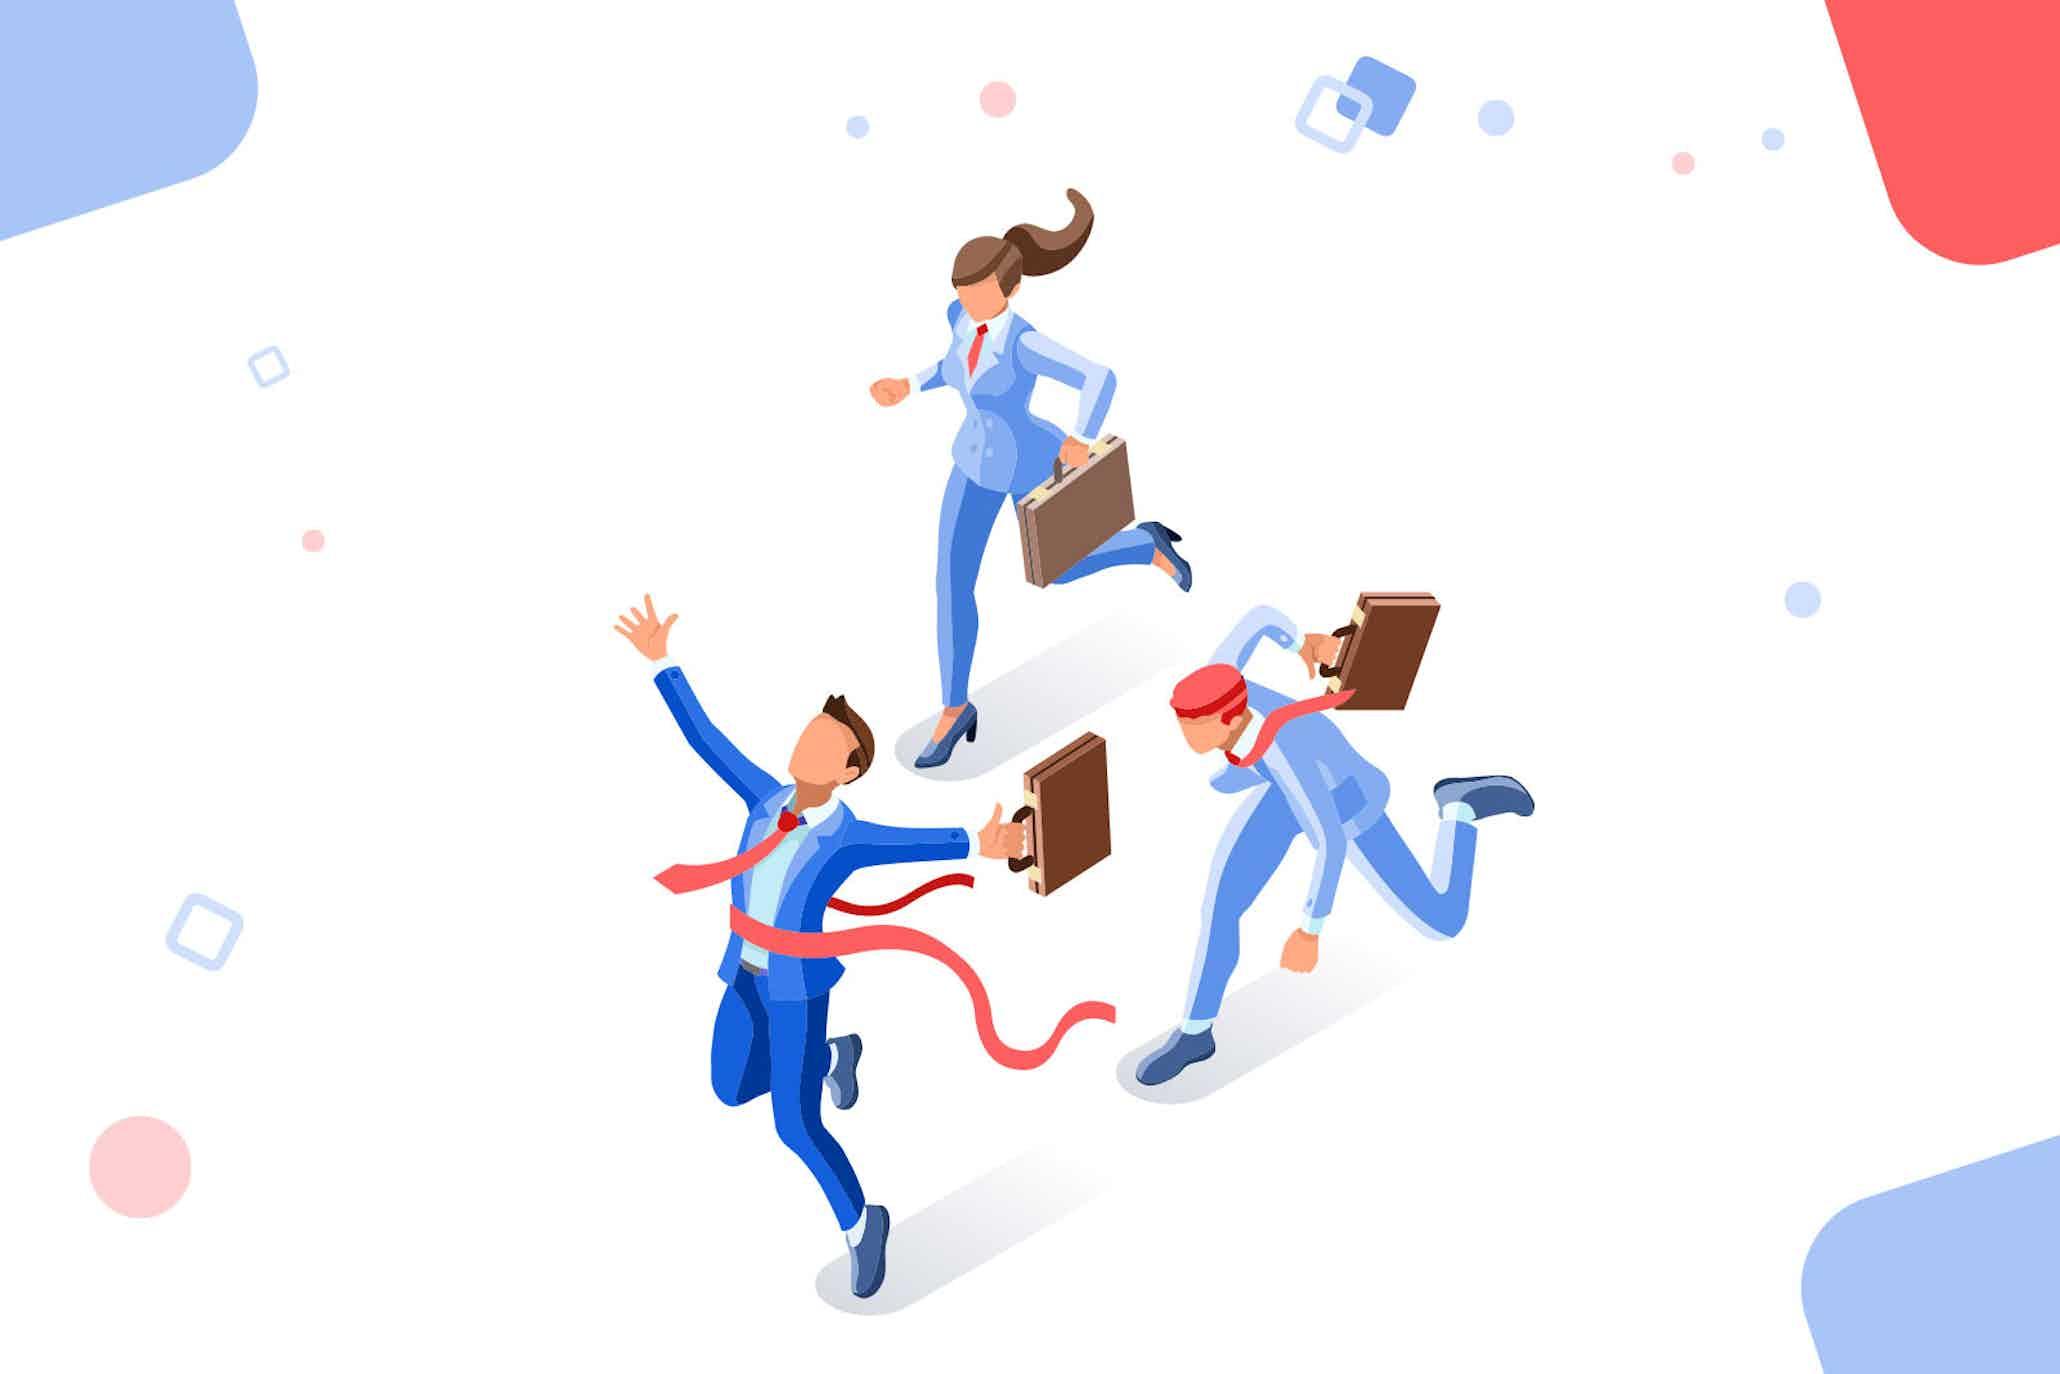 10 نکته در مورد نحوه EXCEL در شغل بازاریابی دیجیتال